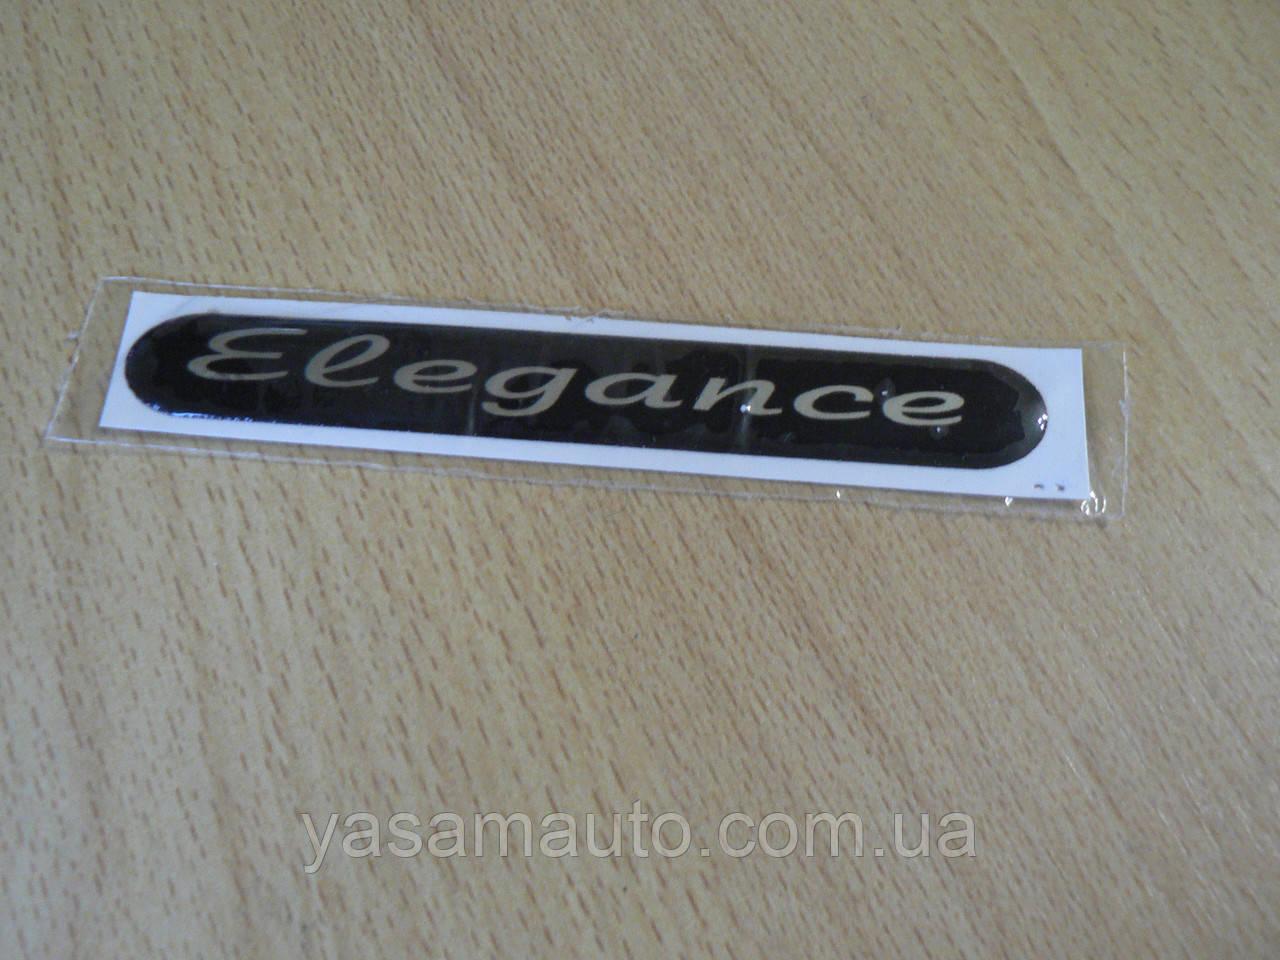 Наклейка s силиконовая надпись Elegance 100х13х0,9мм Уценка требует укрепления Элегансе серебристая фон черный